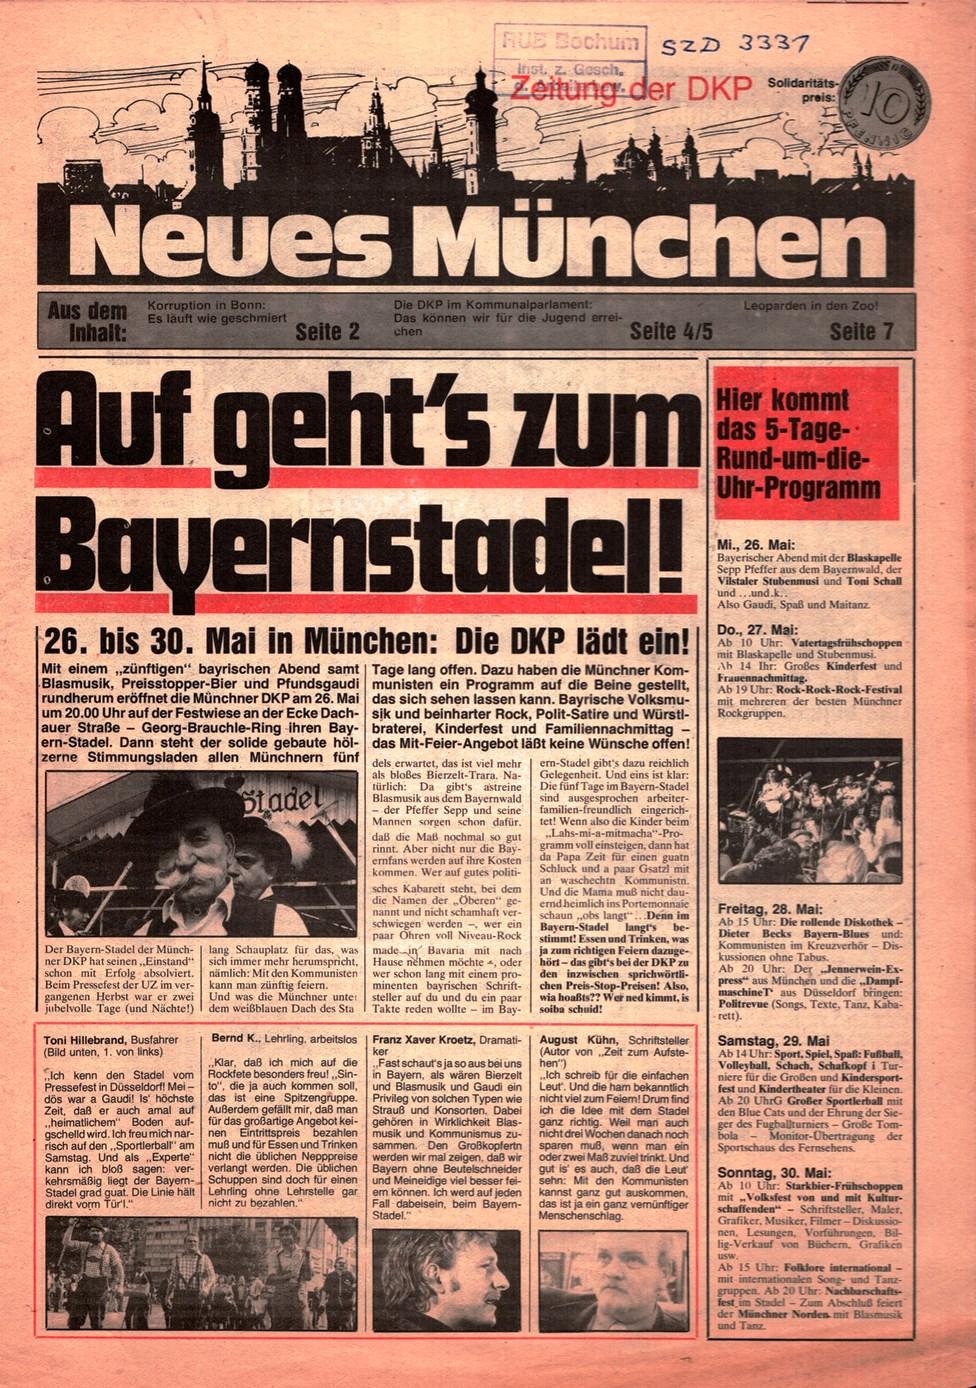 Muenchen_DKP_Neues_Muenchen_19760500_001